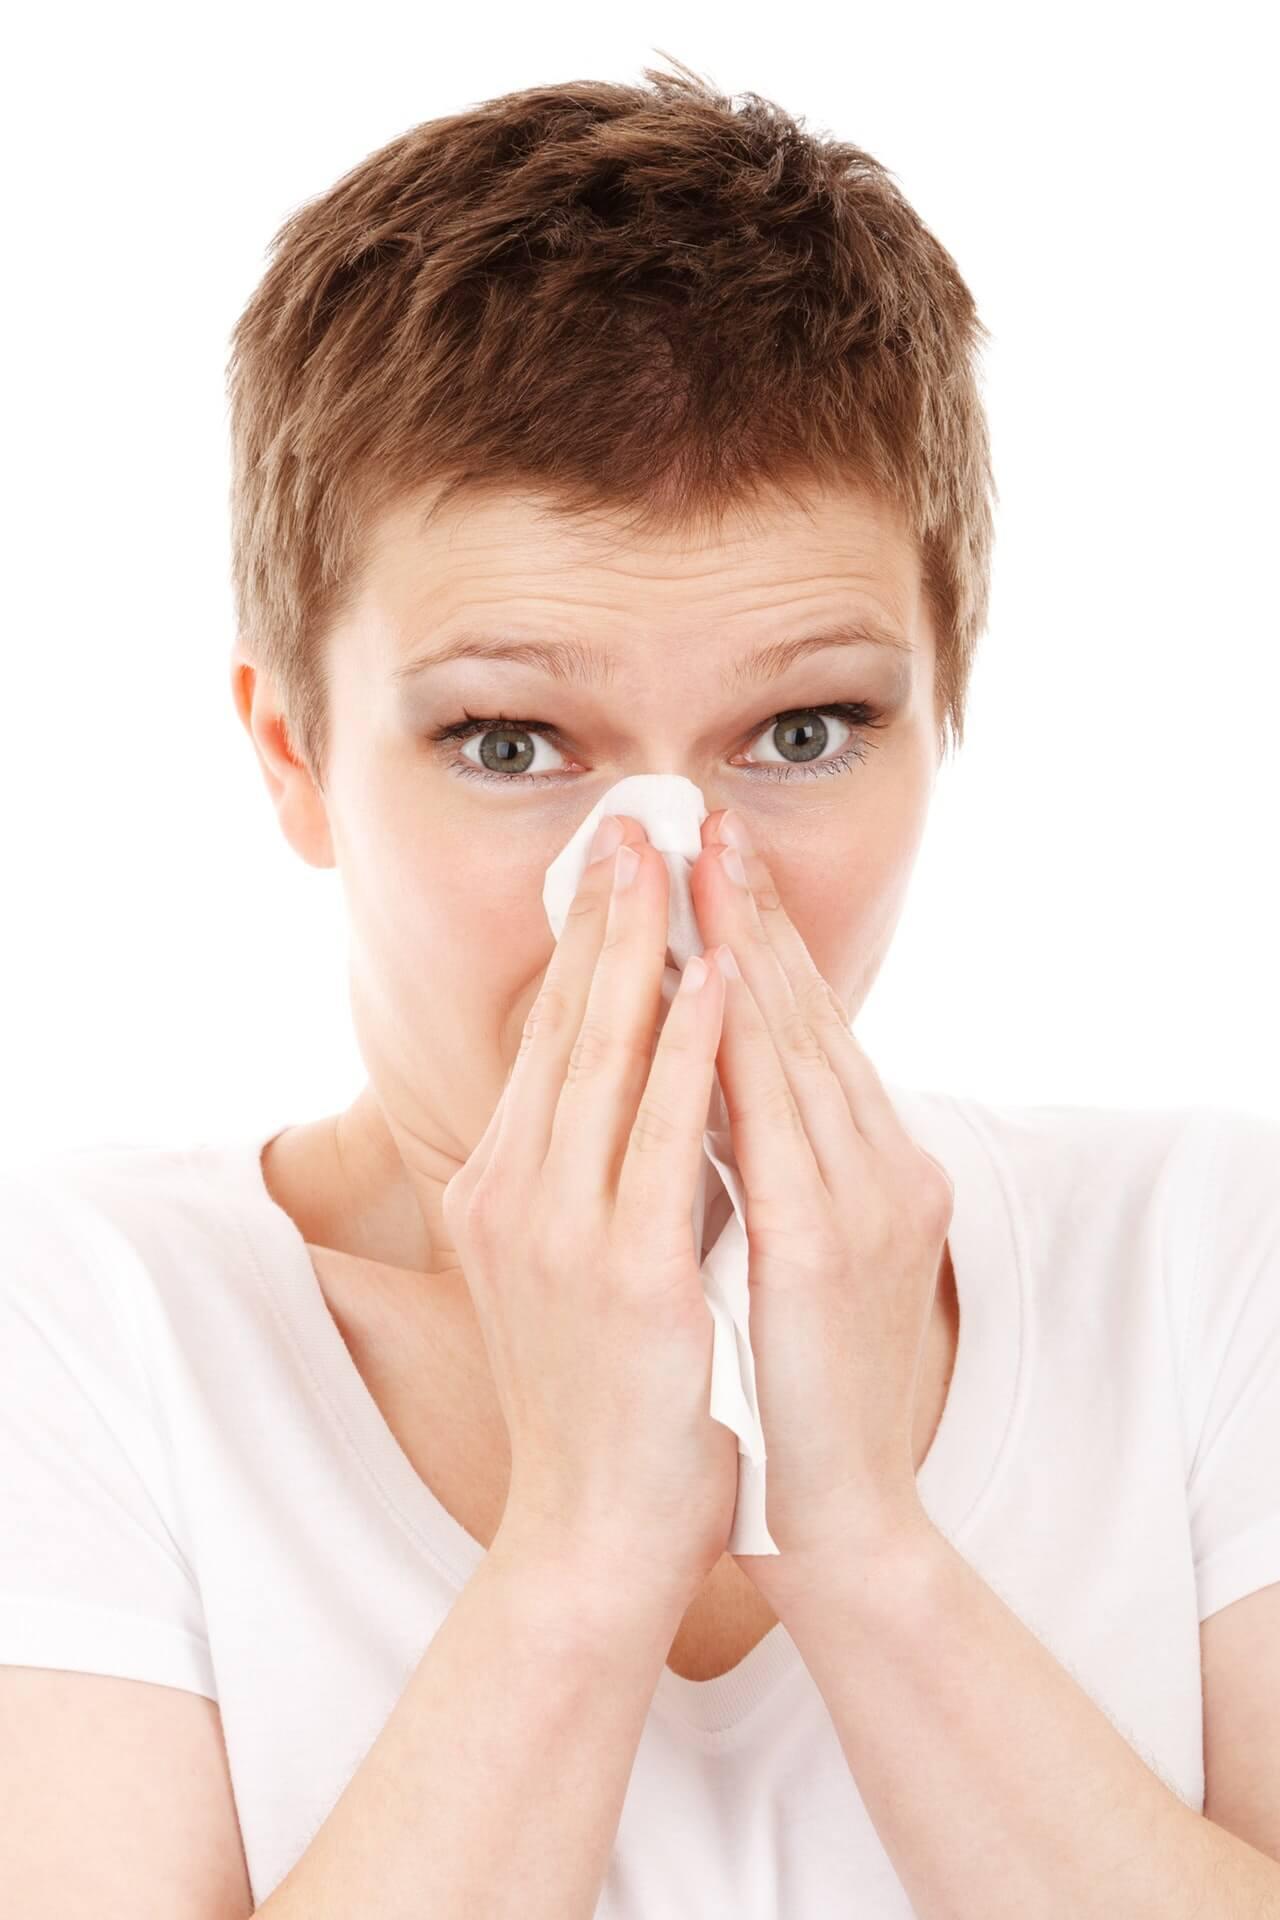 Η γρίπη δεν μεταδίδεται μόνο με φτάρνισμα ή βήχα